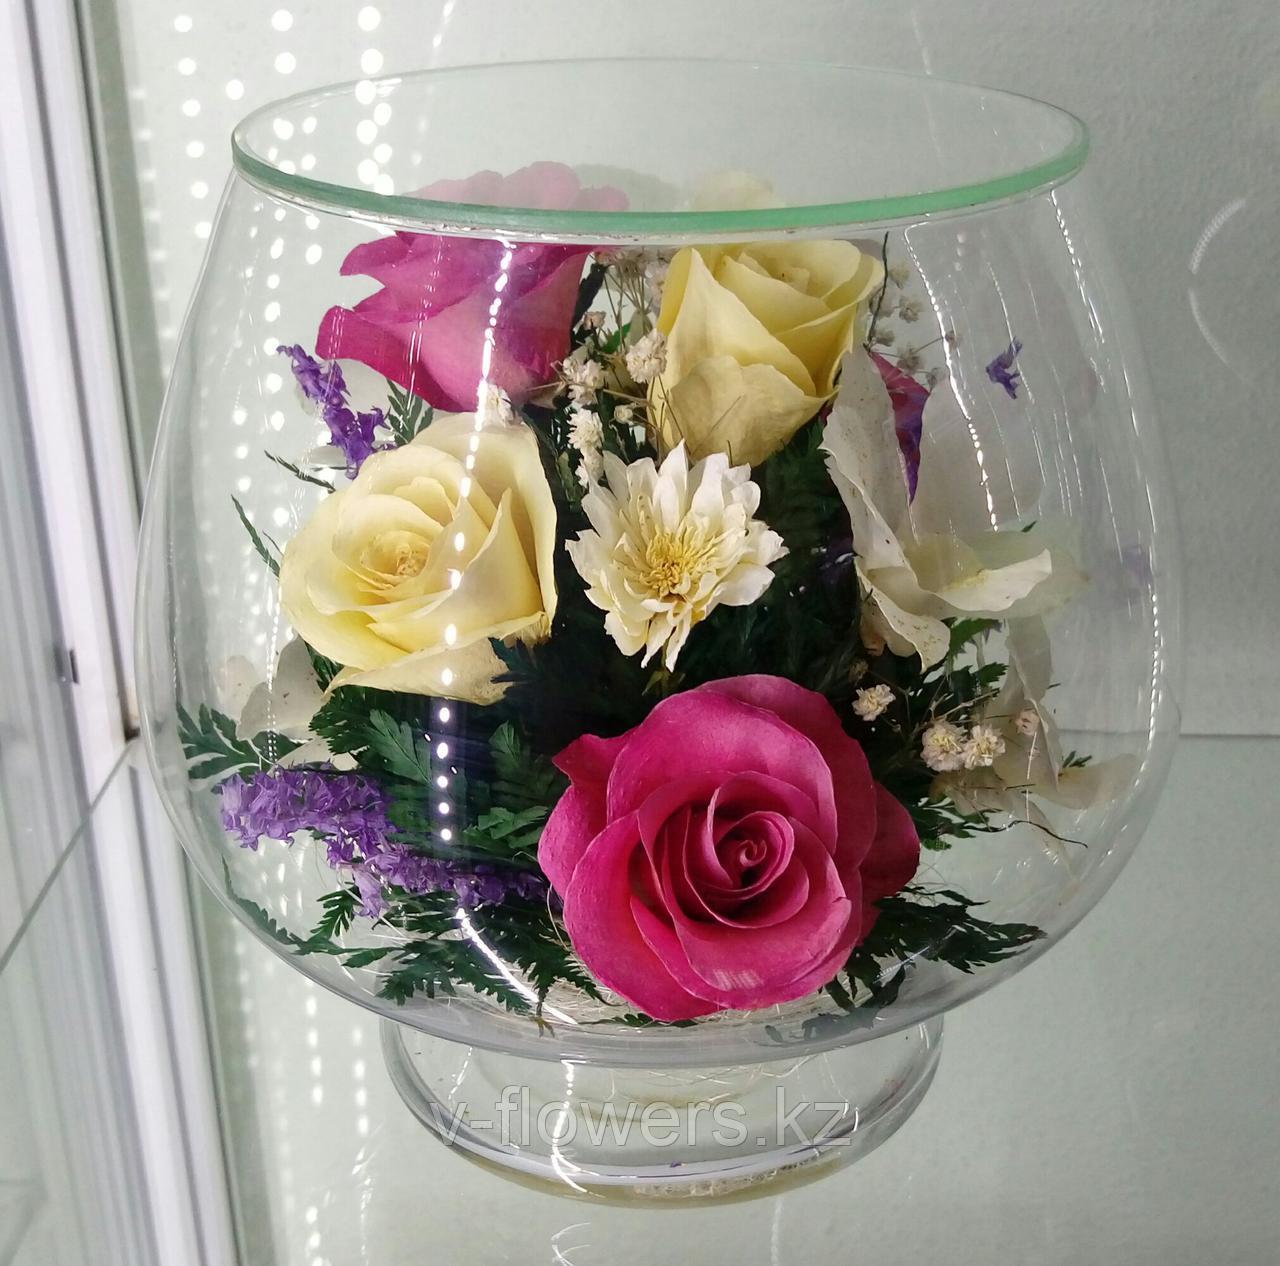 Вечные живые цветы LMM-05